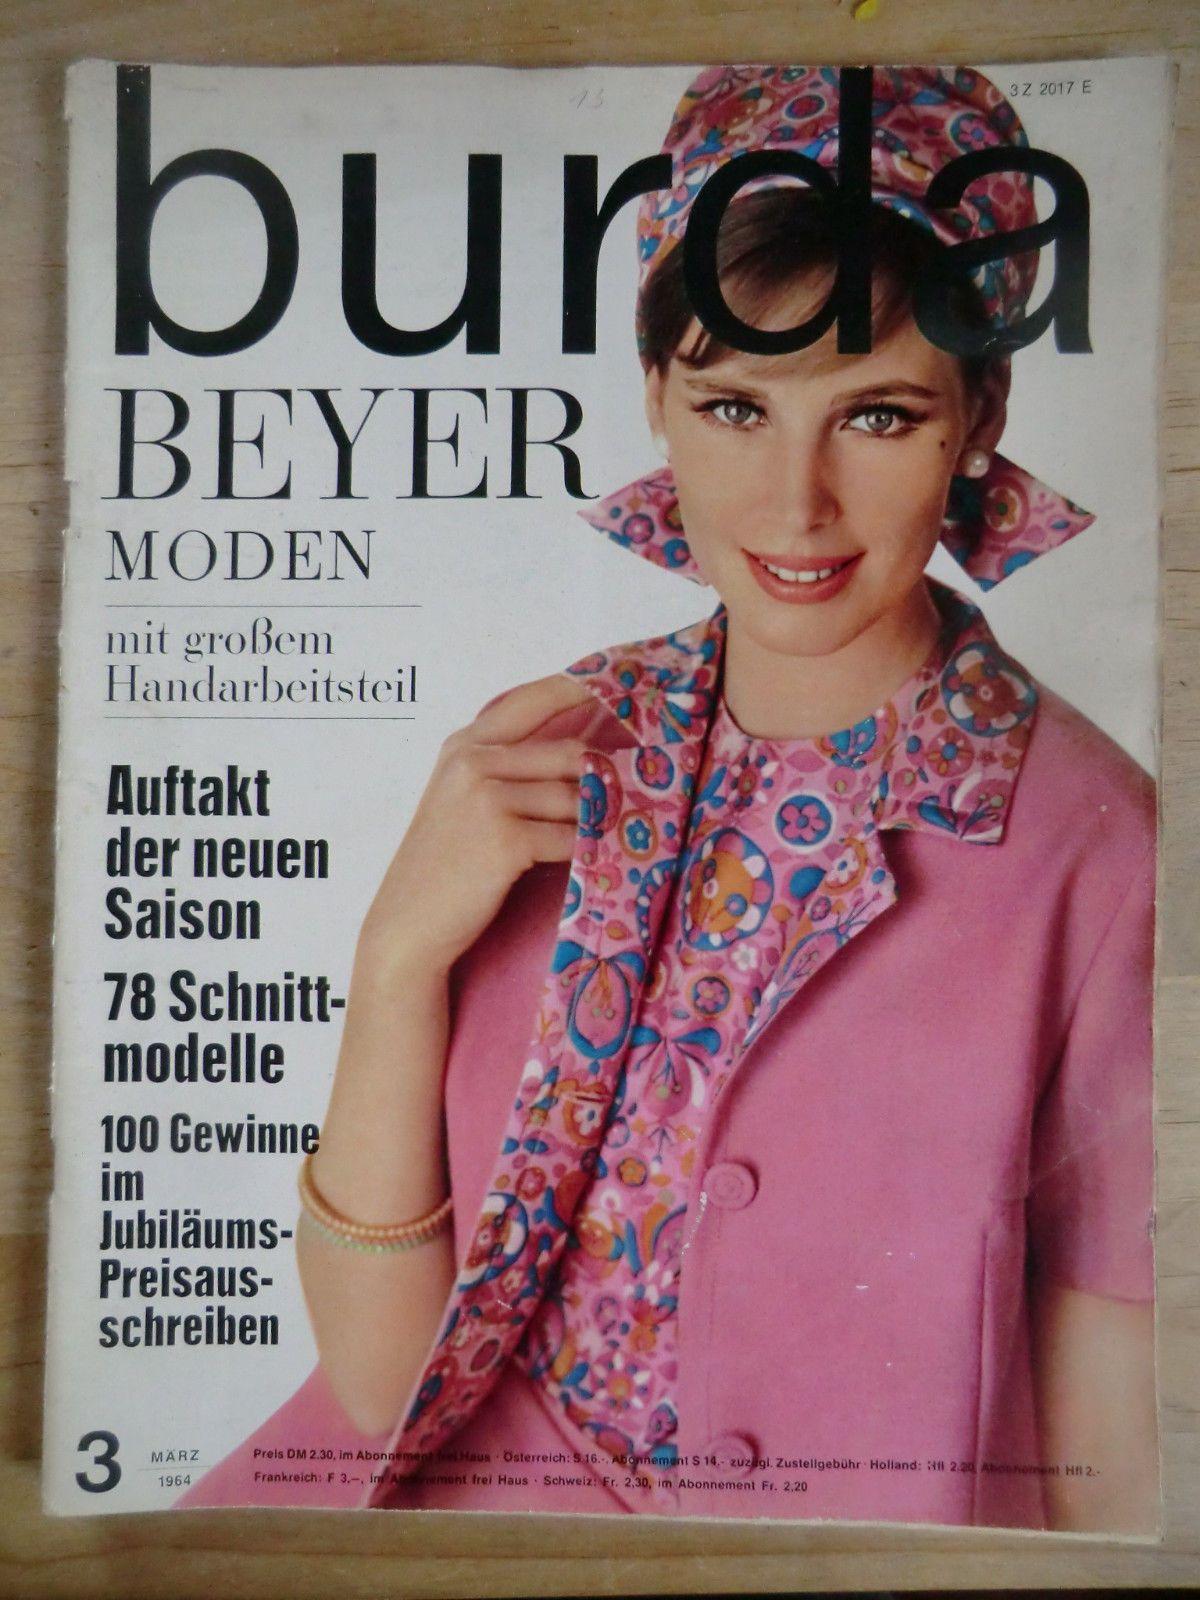 Burda Beyer Moden / Heft 3/ März 1964 mit 2Schnittbögen + A. Heft ...